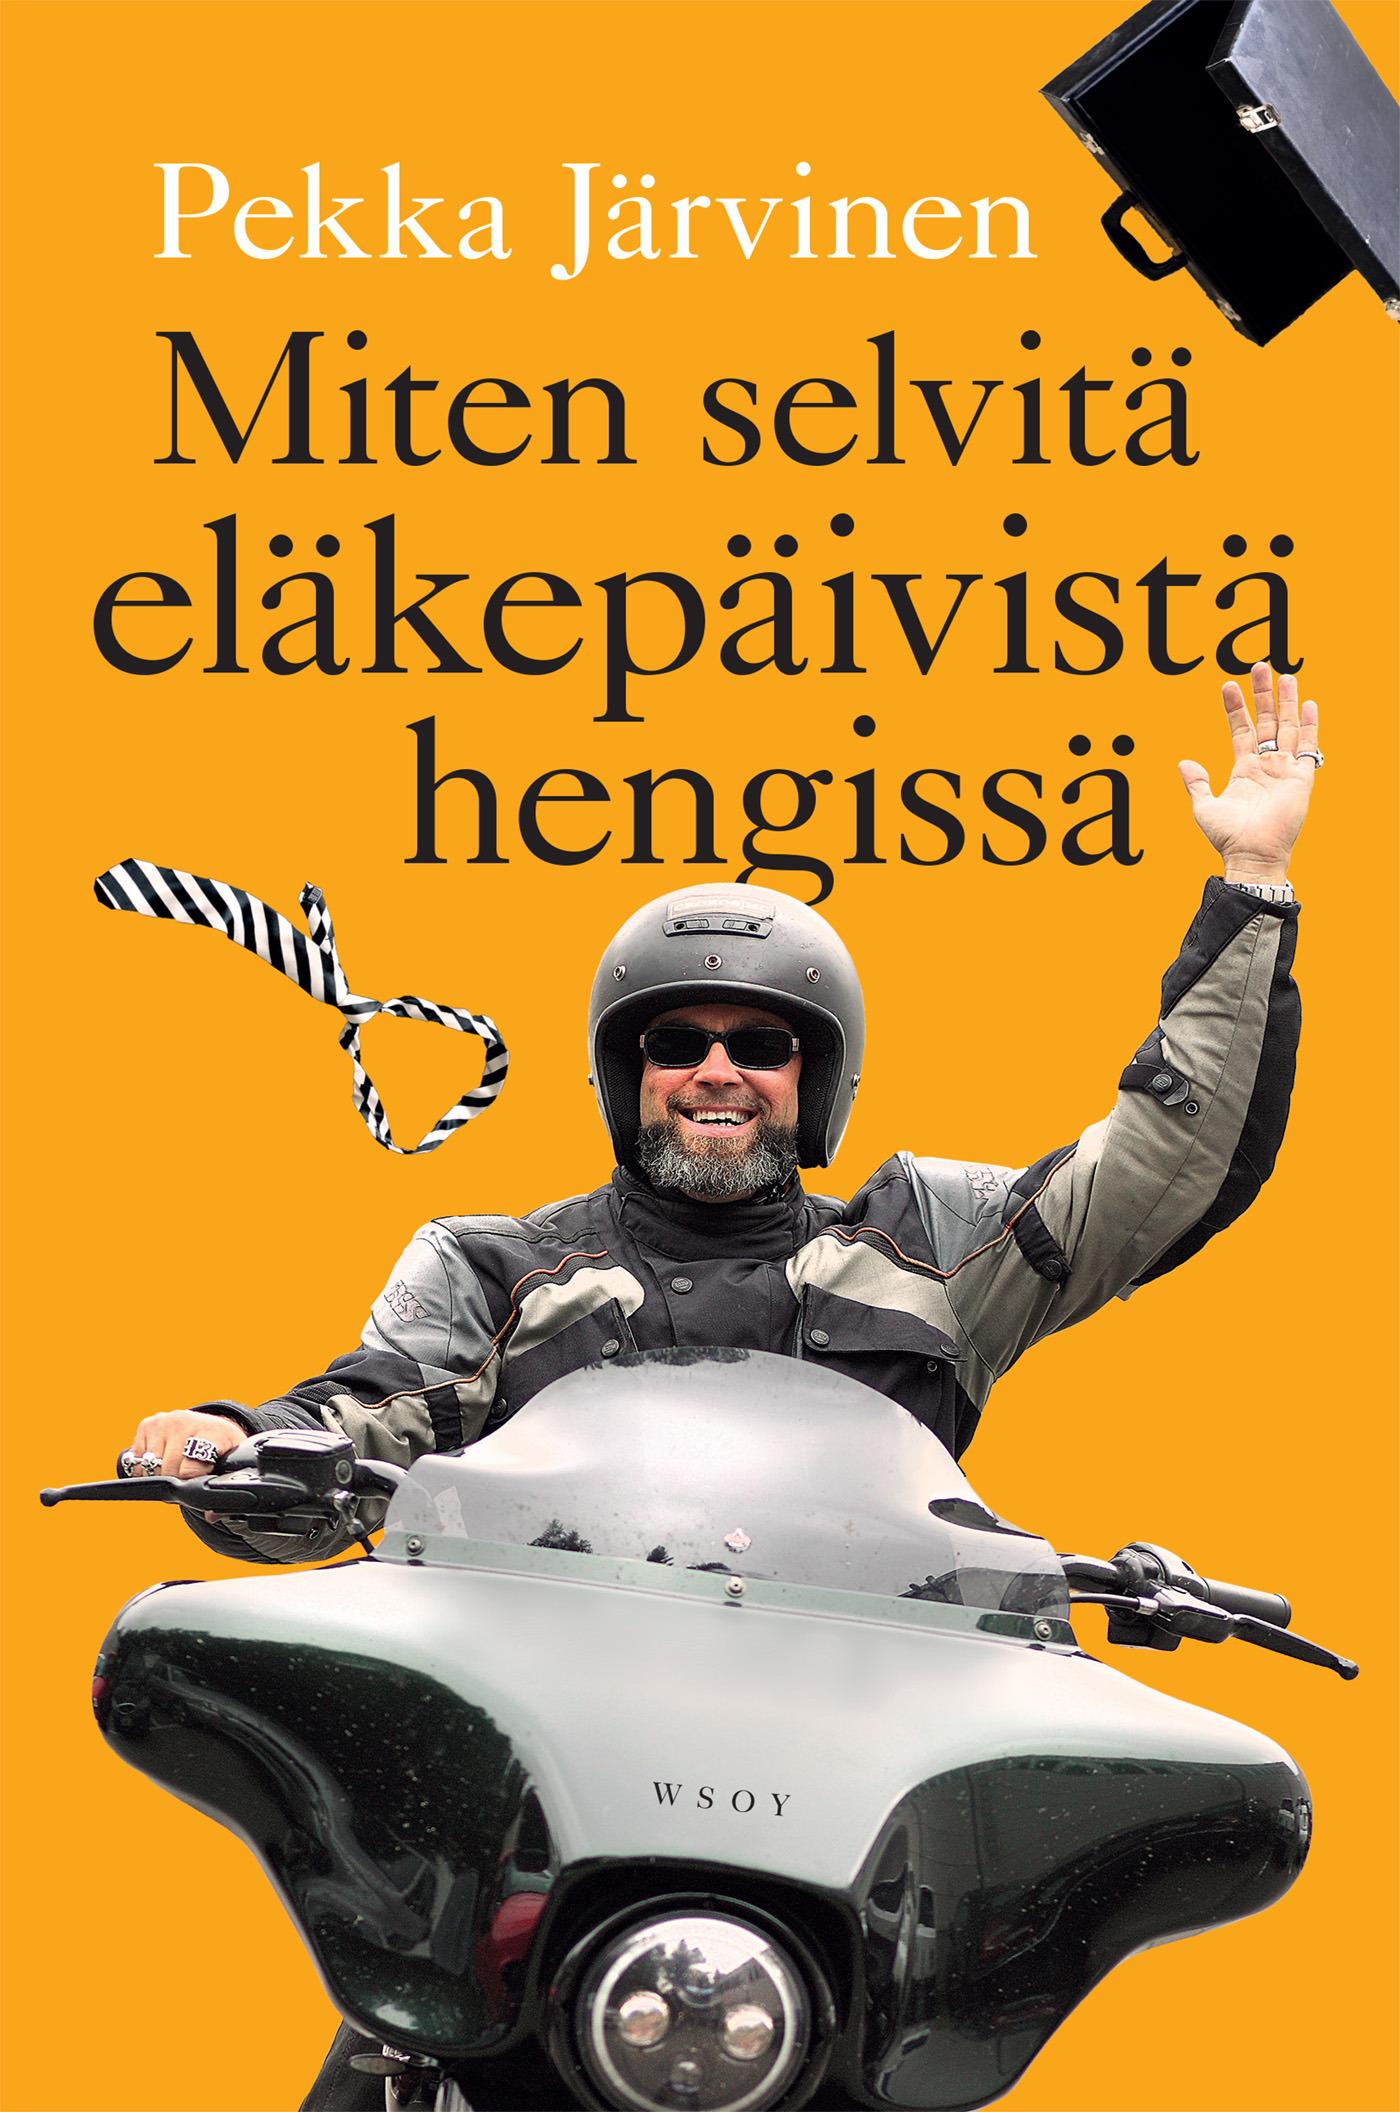 Järvinen, Pekka - Miten selvitä eläkepäivistä hengissä, e-kirja